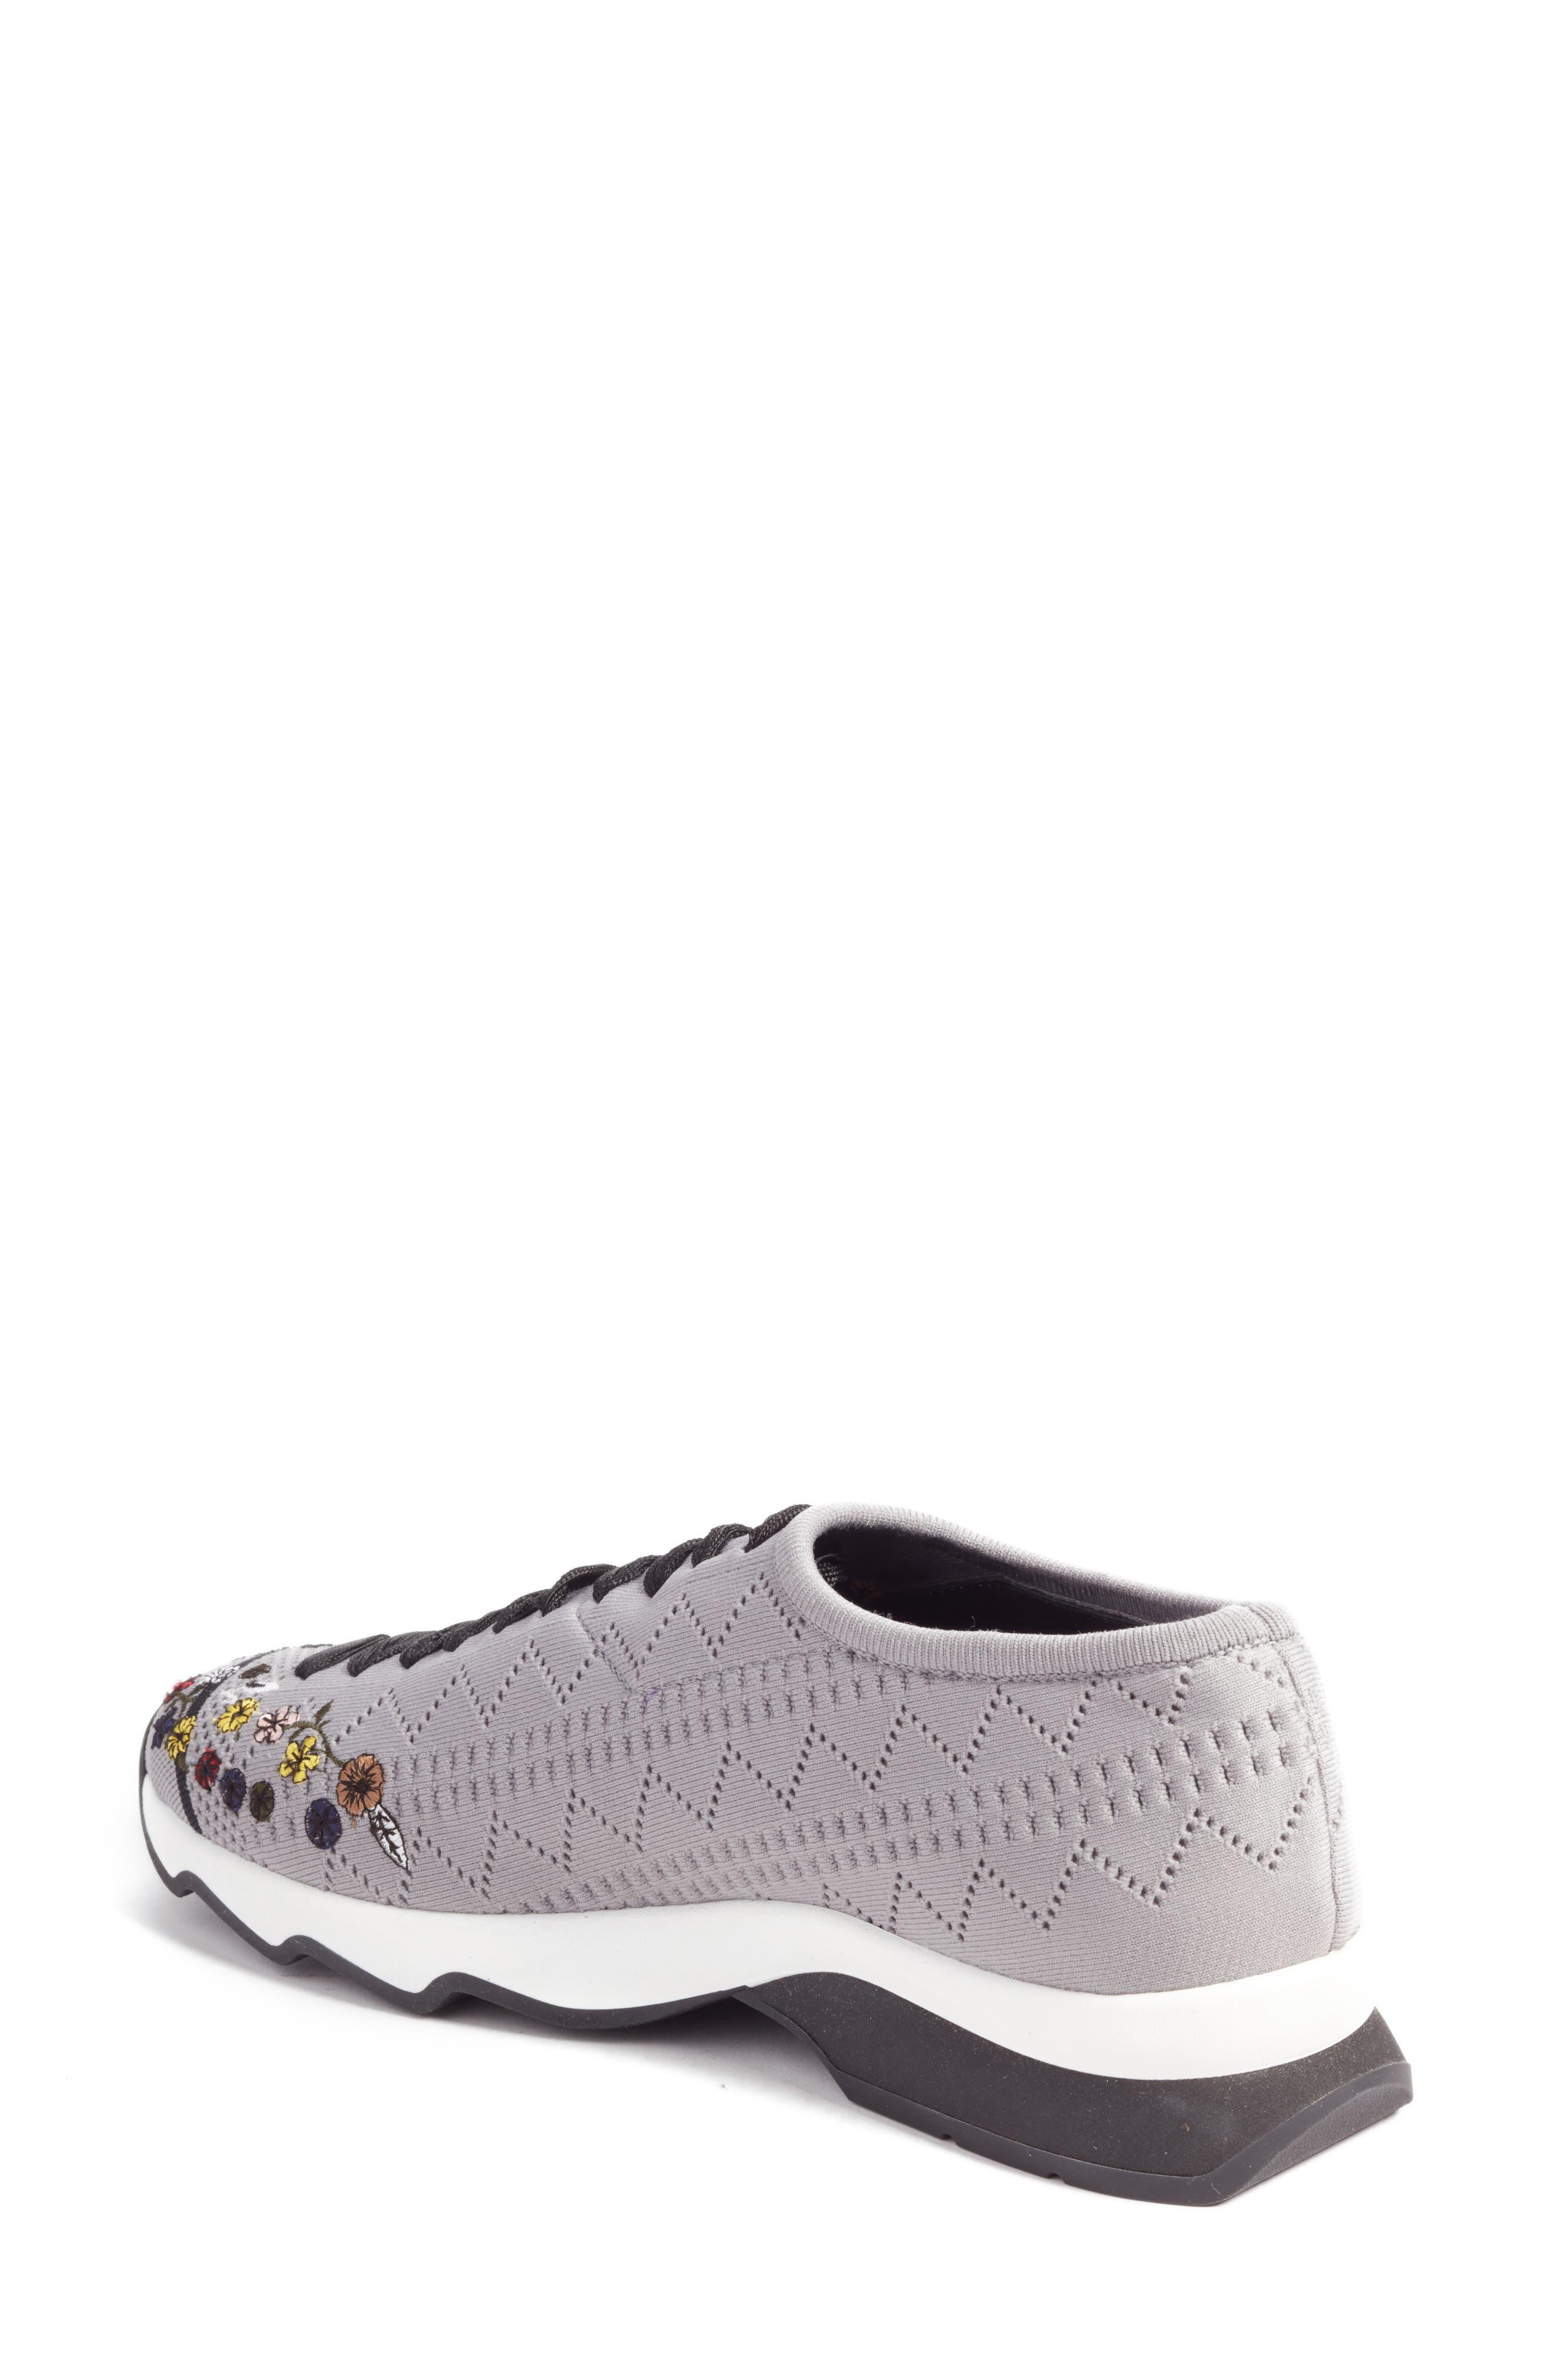 Marie Antoinette Sneaker,                             Alternate thumbnail 2, color,                             100